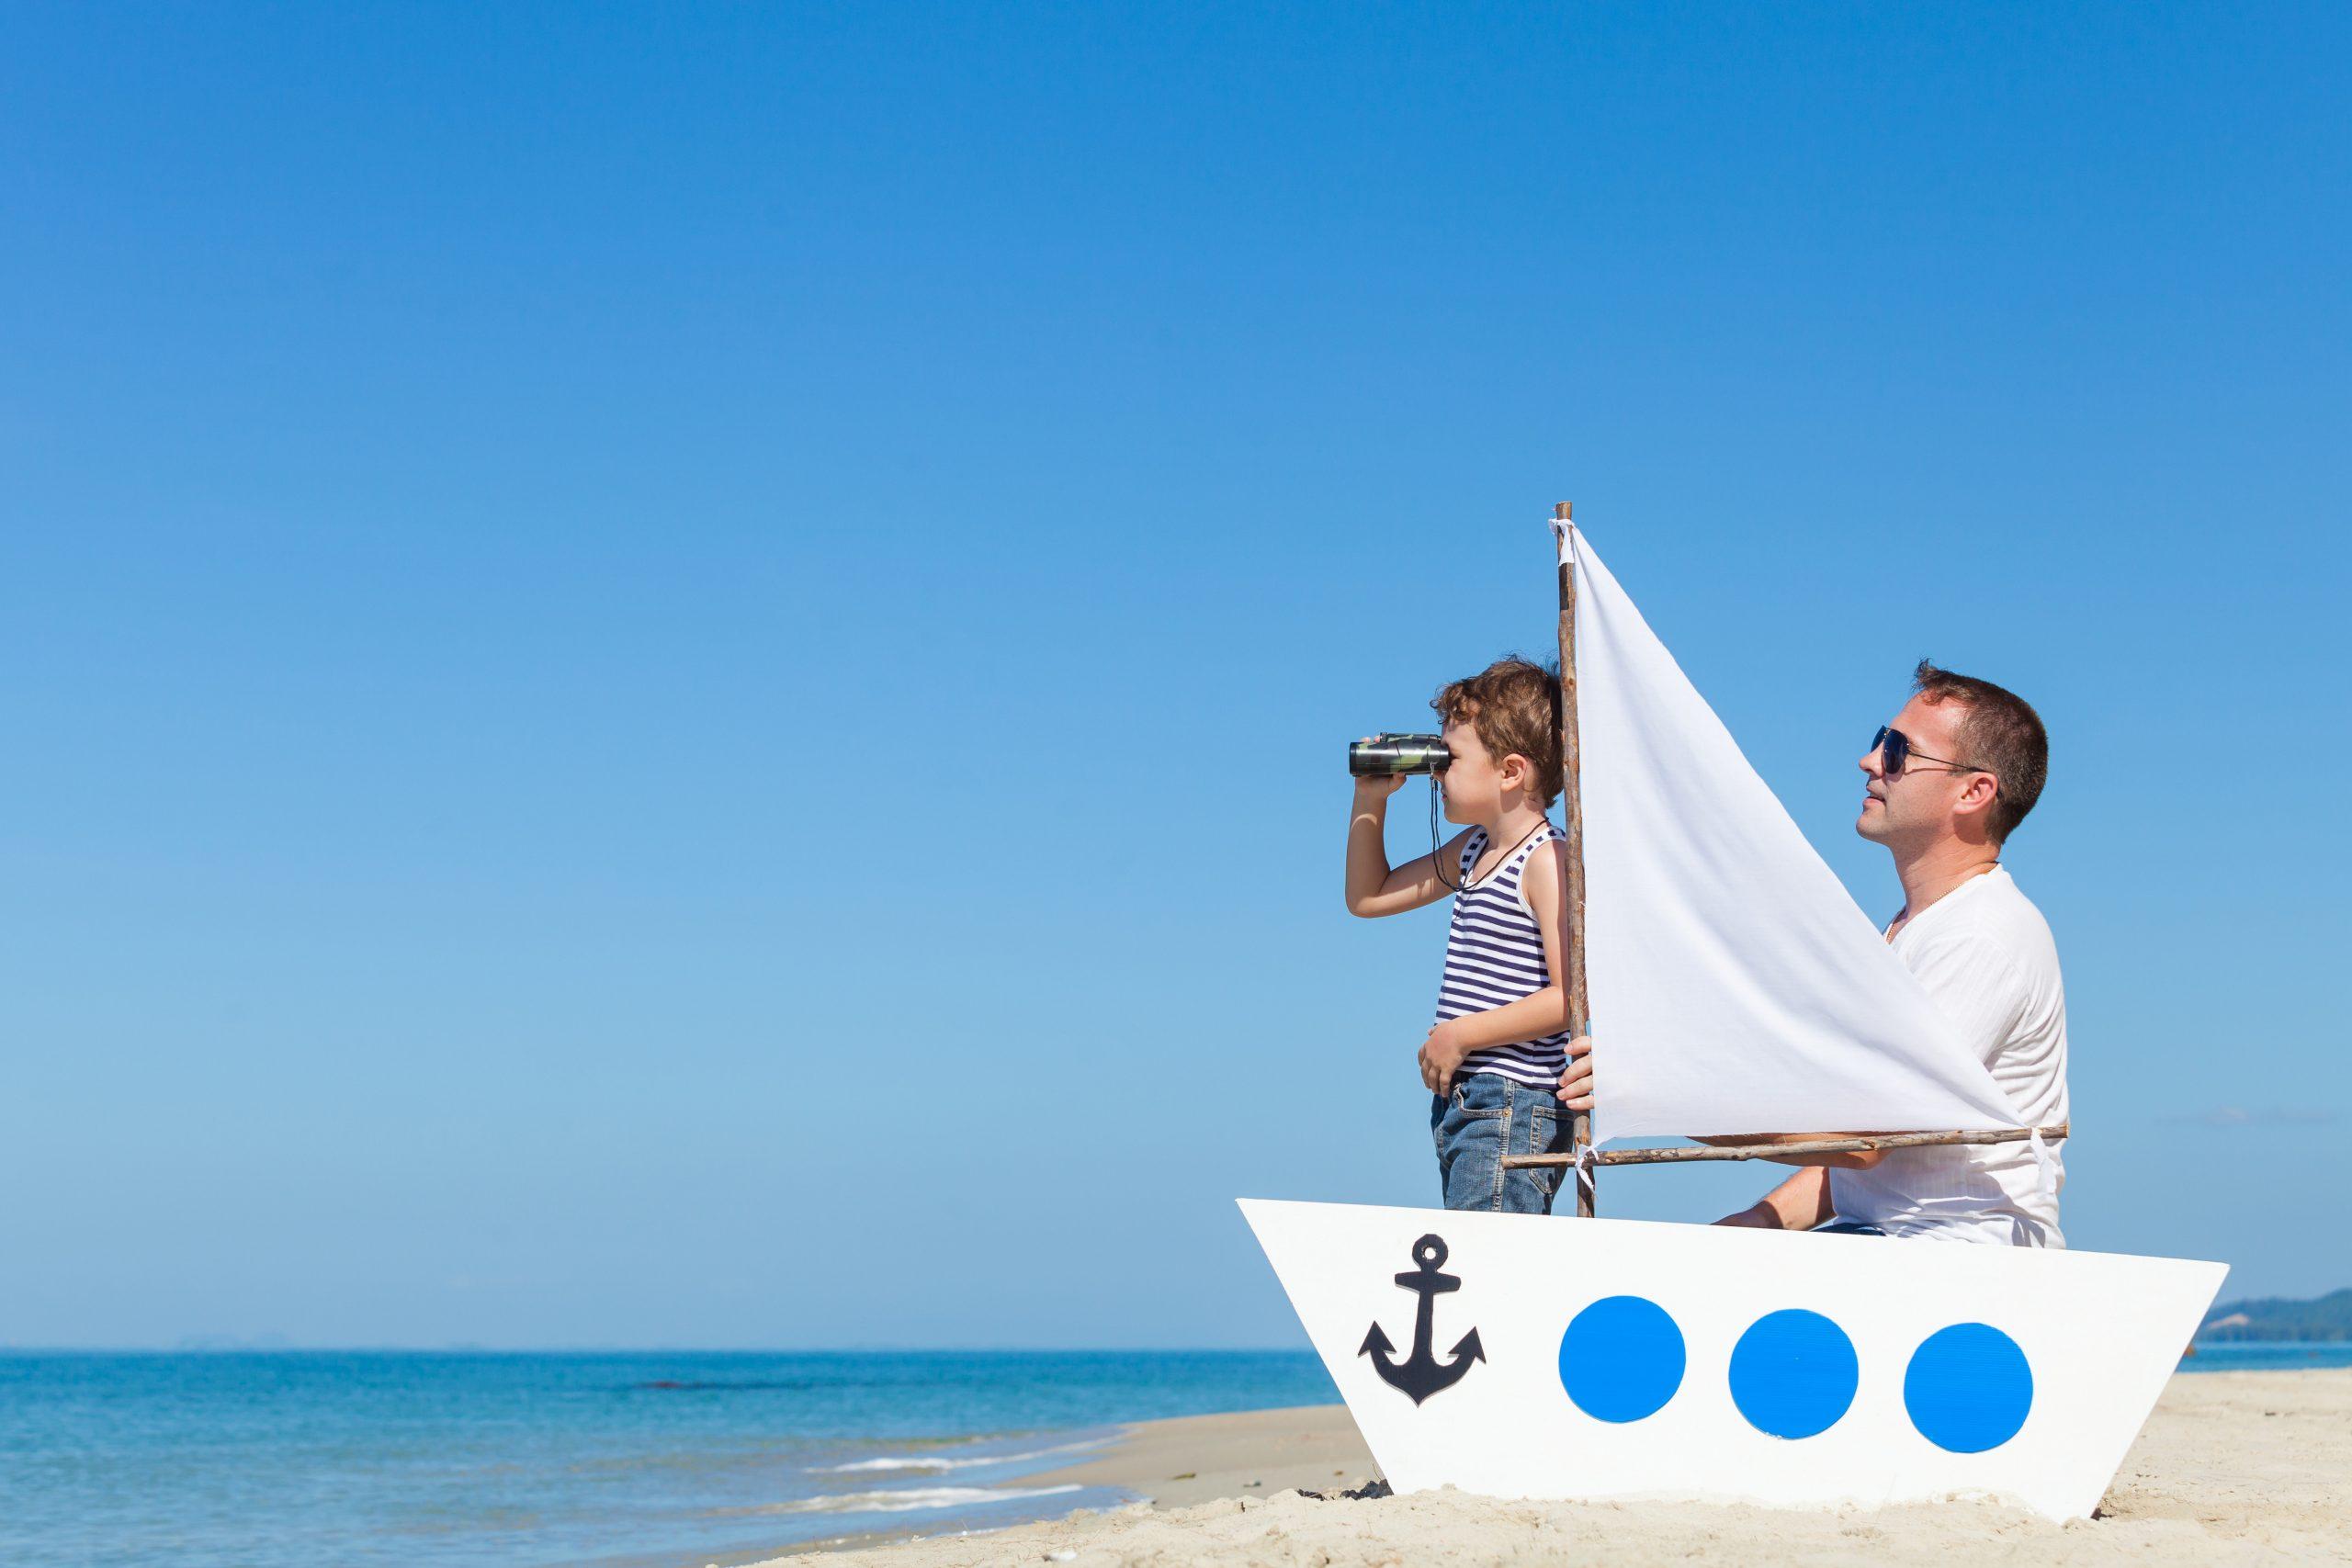 Père et fils jouent sur une barque à la plage